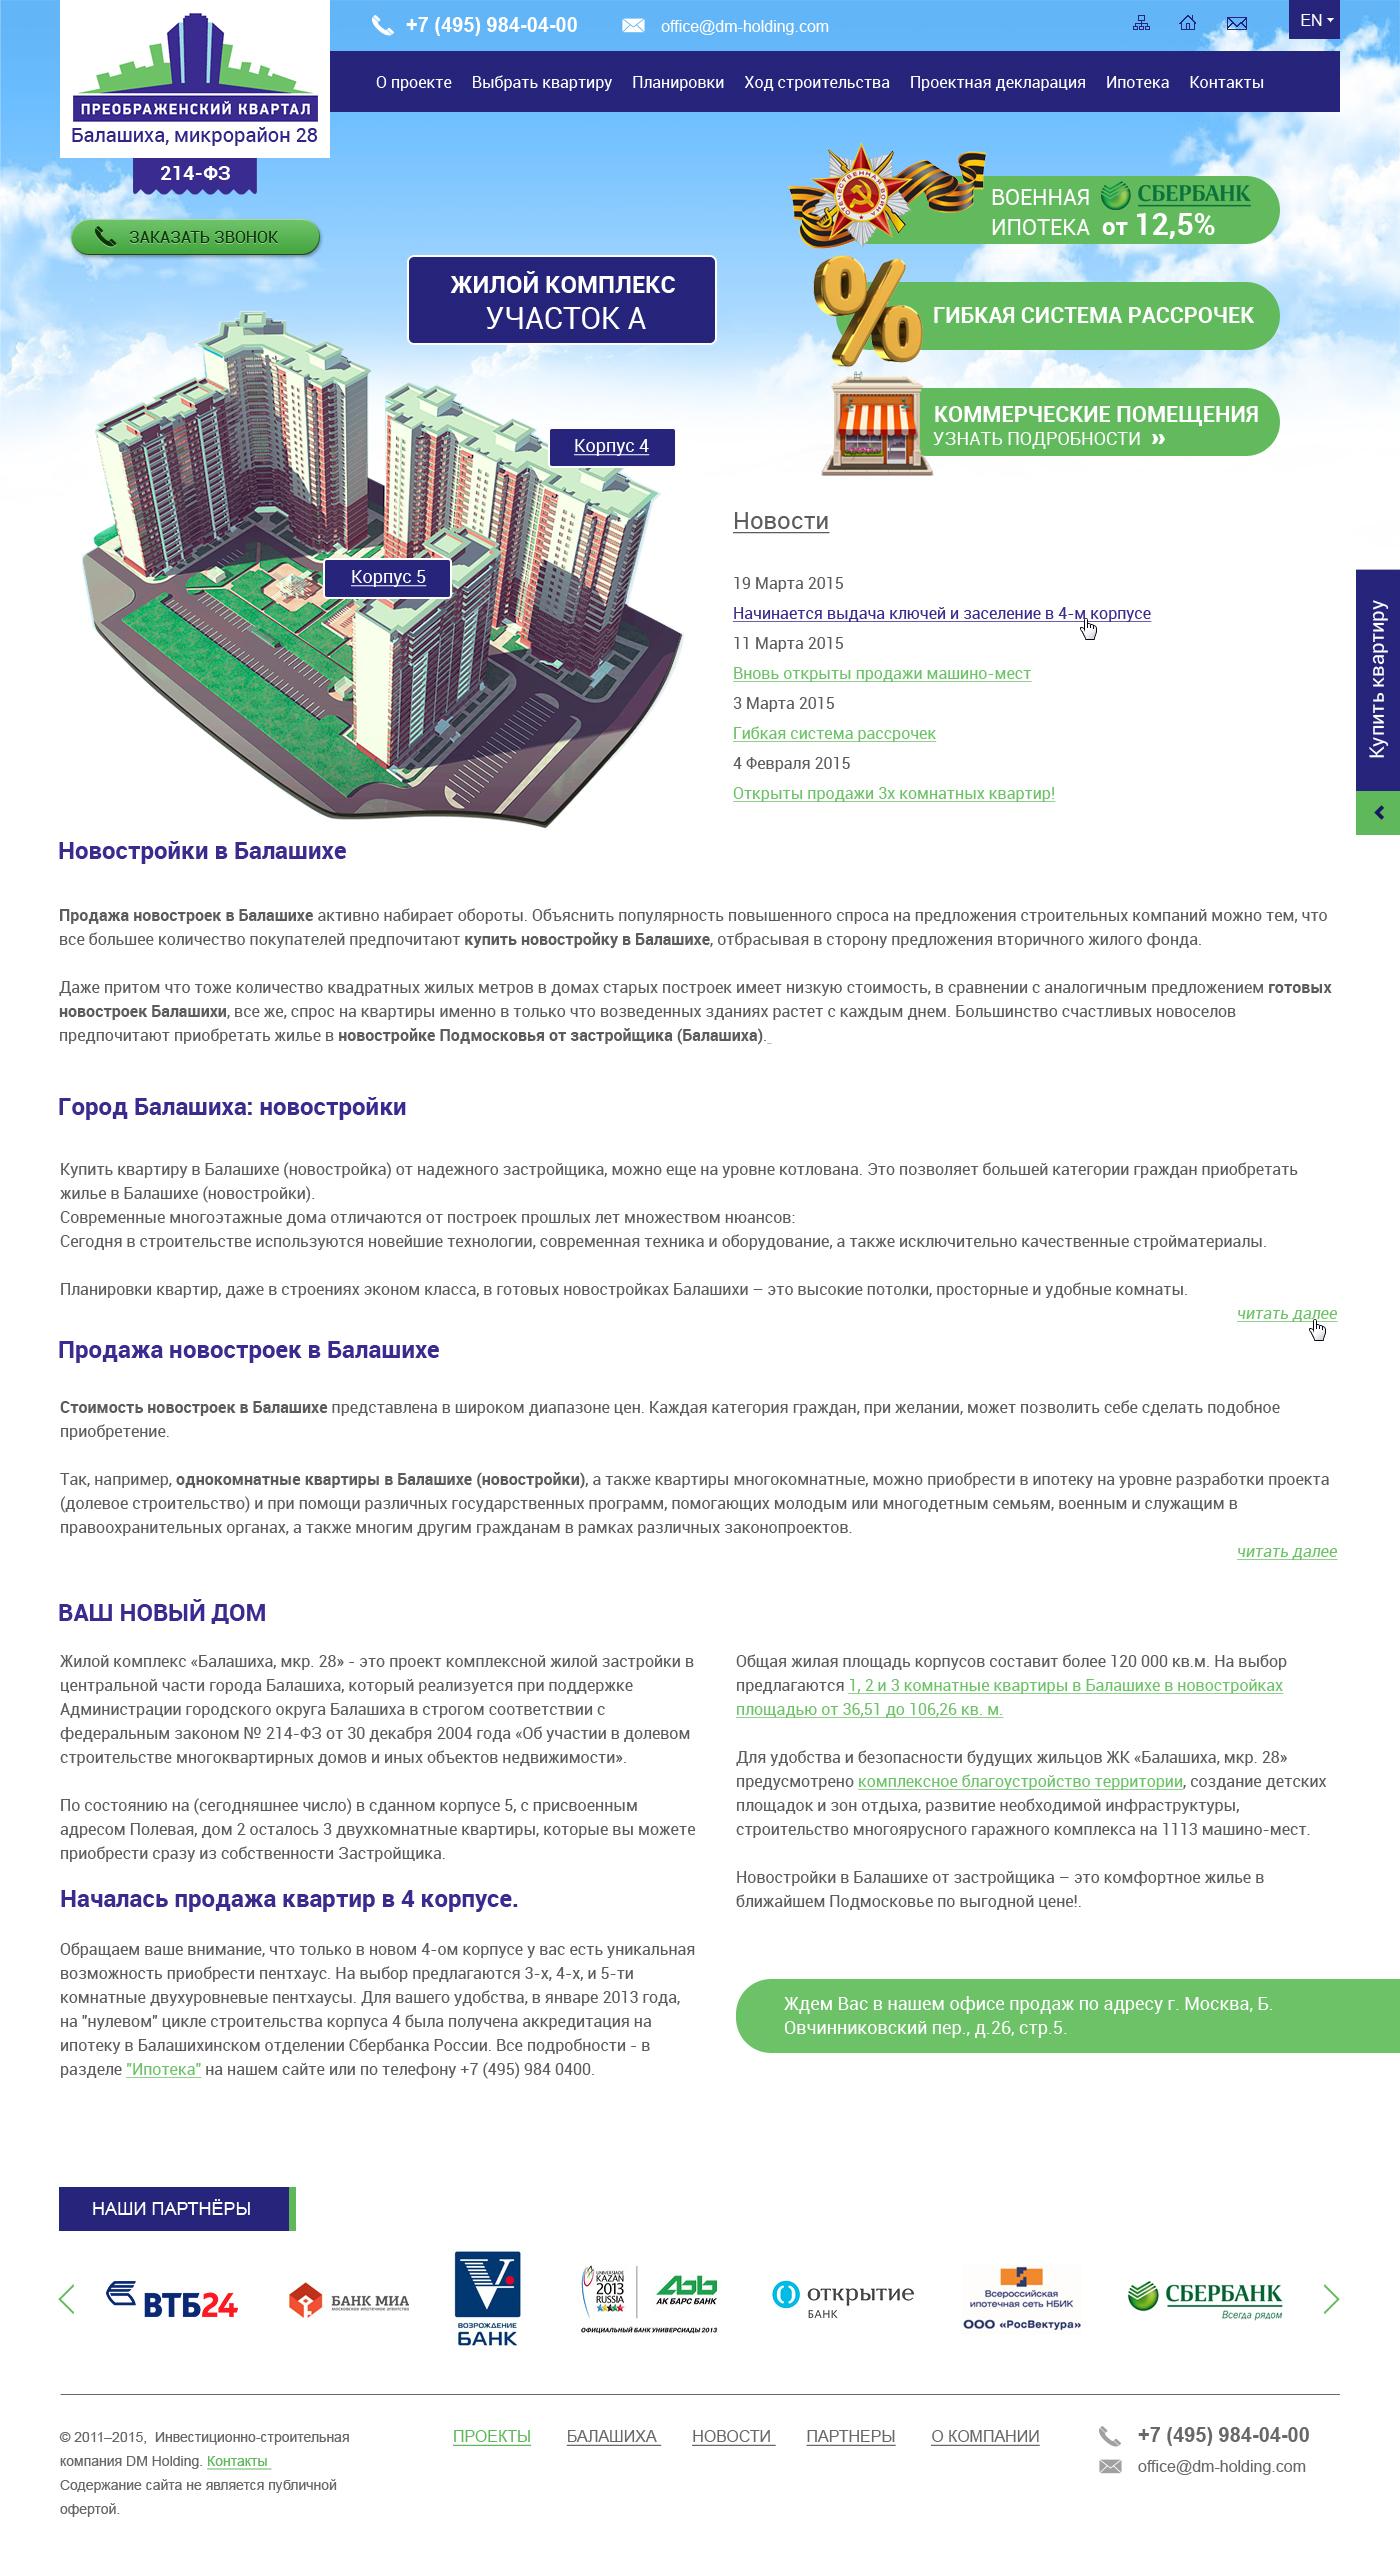 Редизайн сайта компании застройщика фото f_559551818092ebd7.jpg